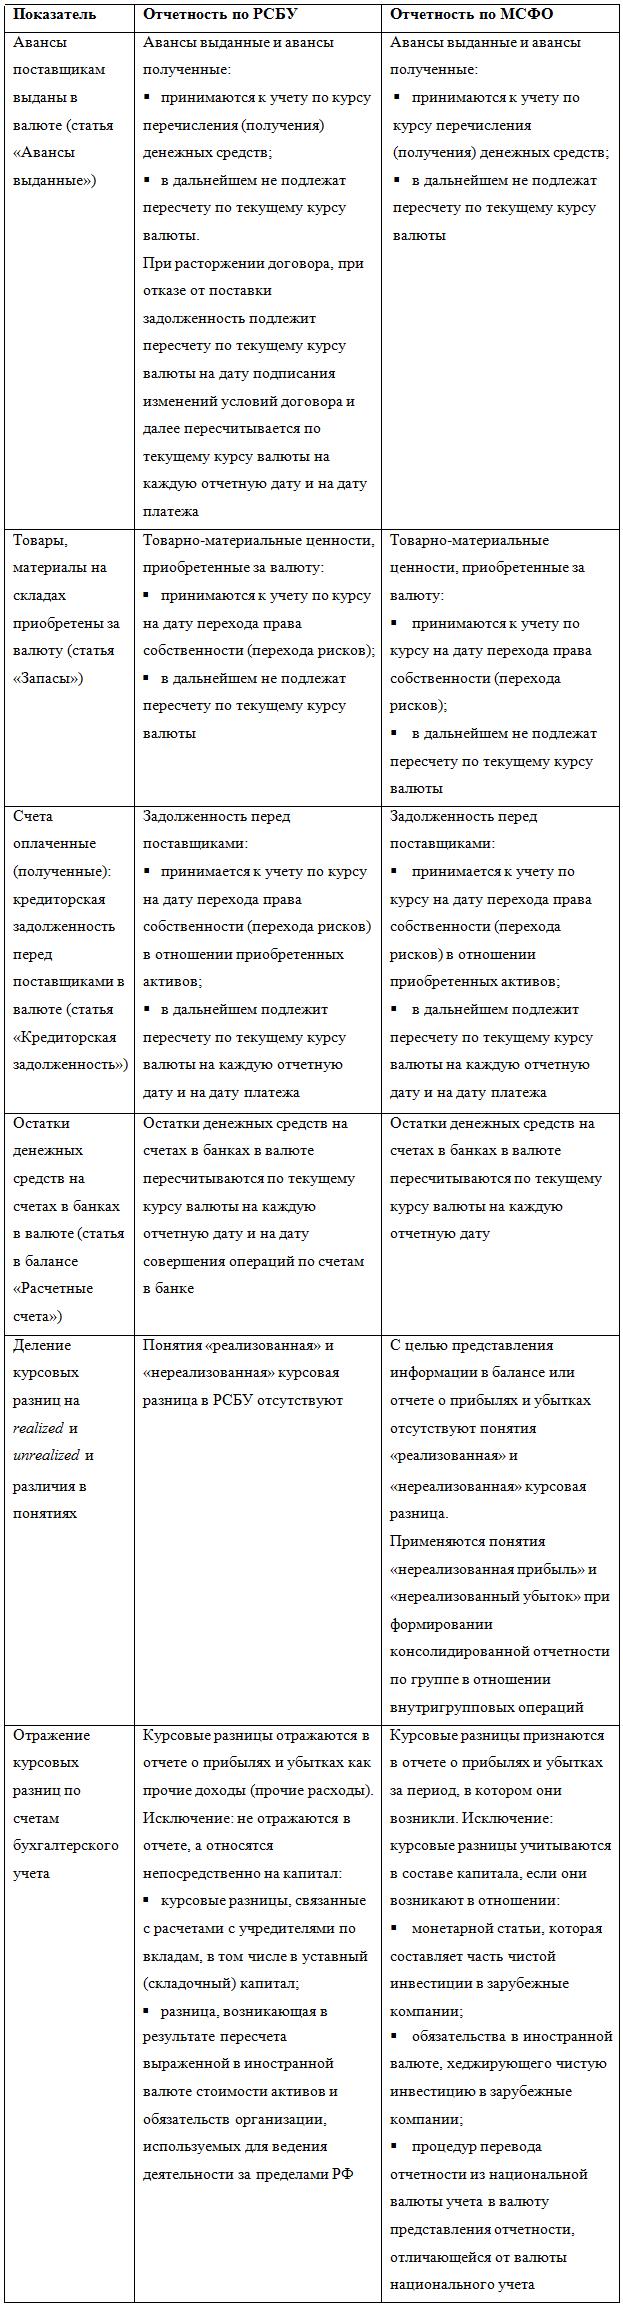 Курсовые разницы в бухгалтерском учете в МСФО в бюджете доходов  Сравнение правил пересчета и отражения курсовых разниц по российским и международным стандартам